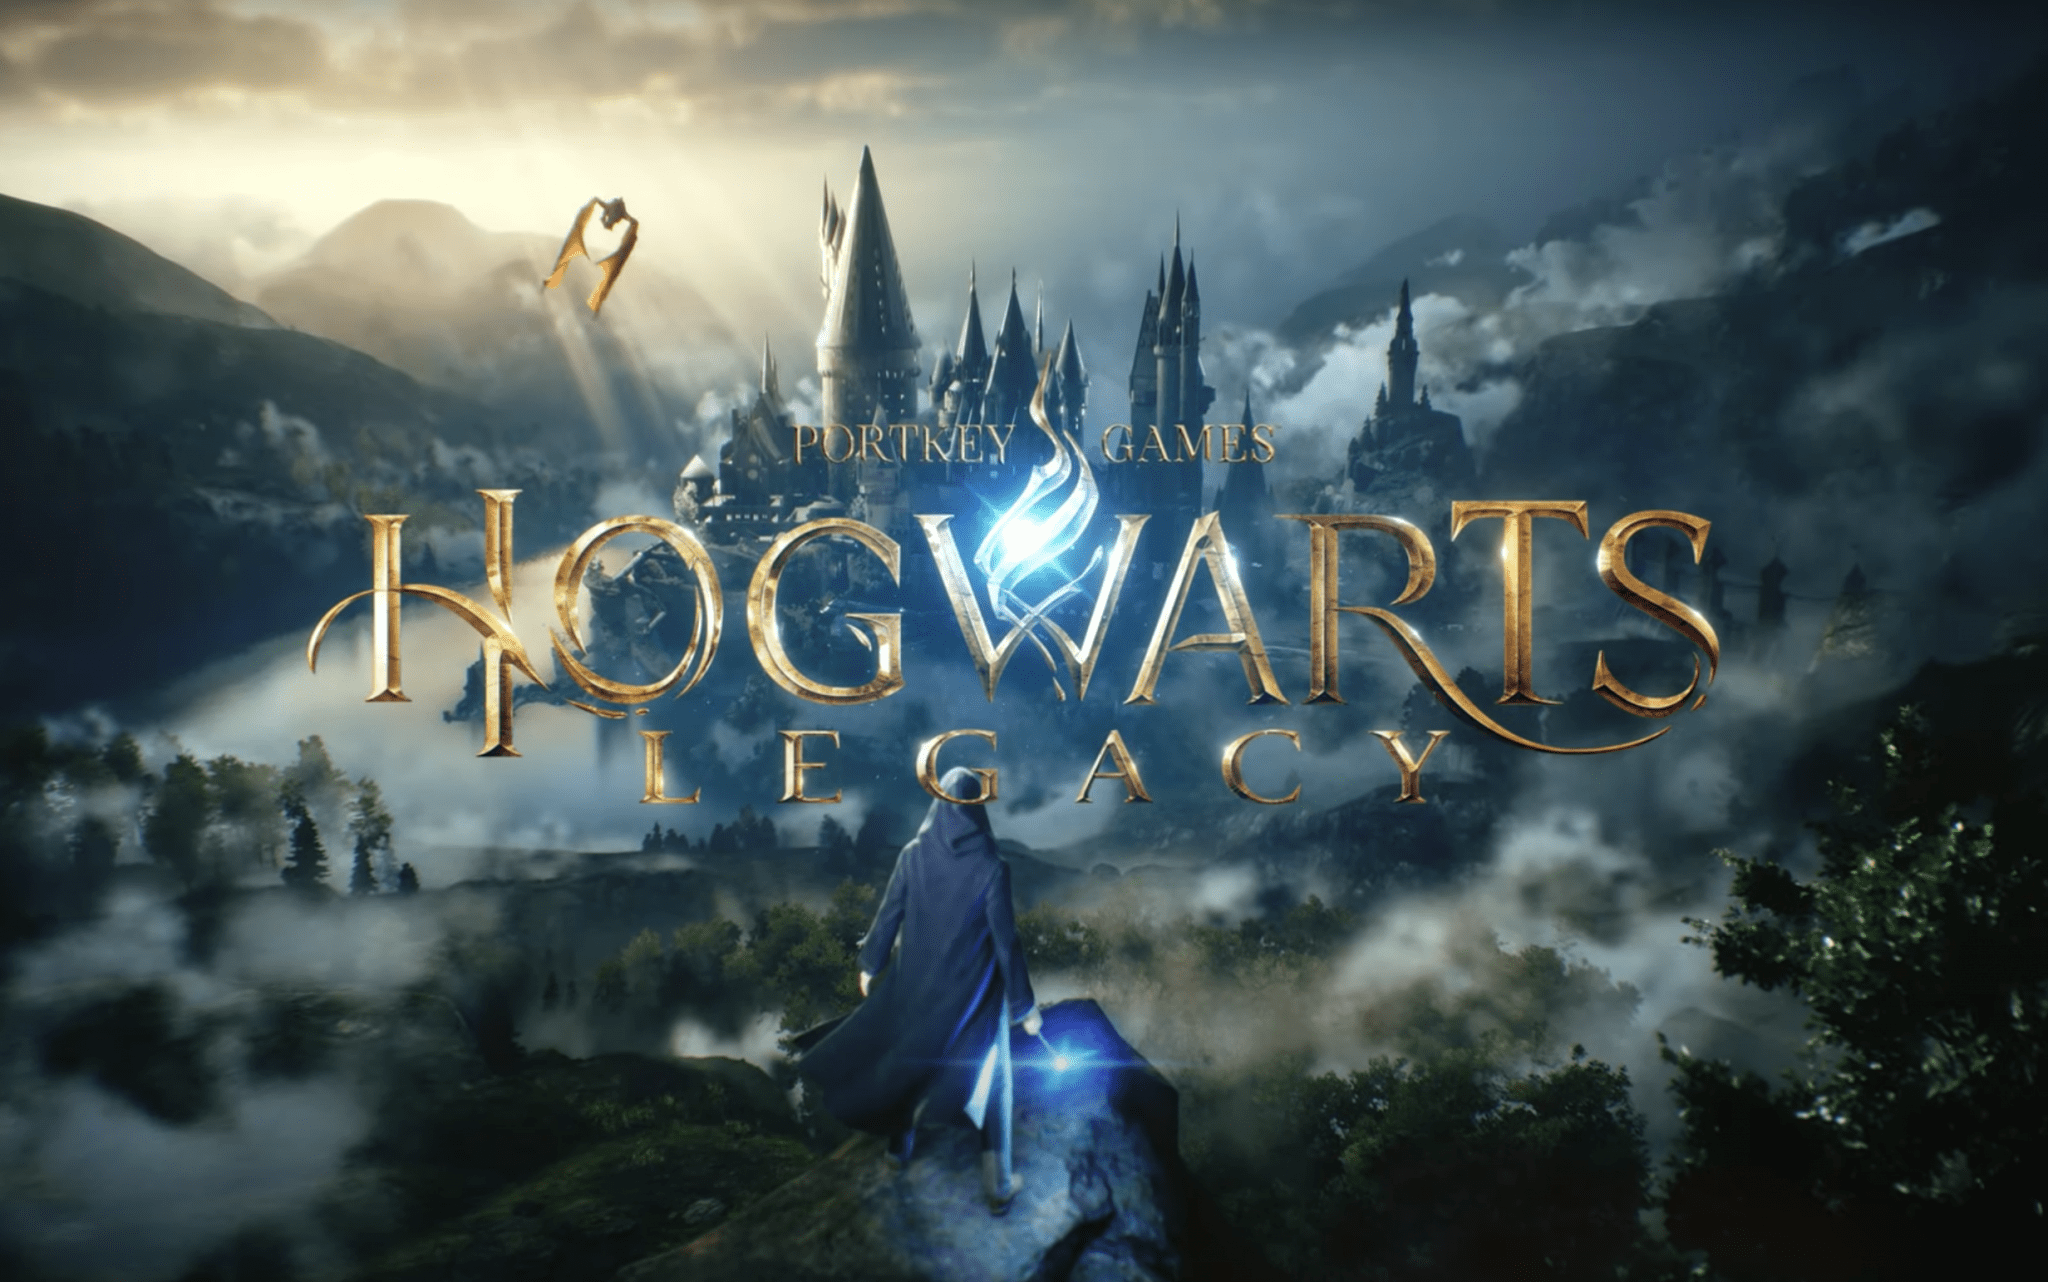 Hogwarts Legacy é novo jogo da saga Harry Potter. Nele, gamers poderão criar próprio personagem. FOTO: Divulgação